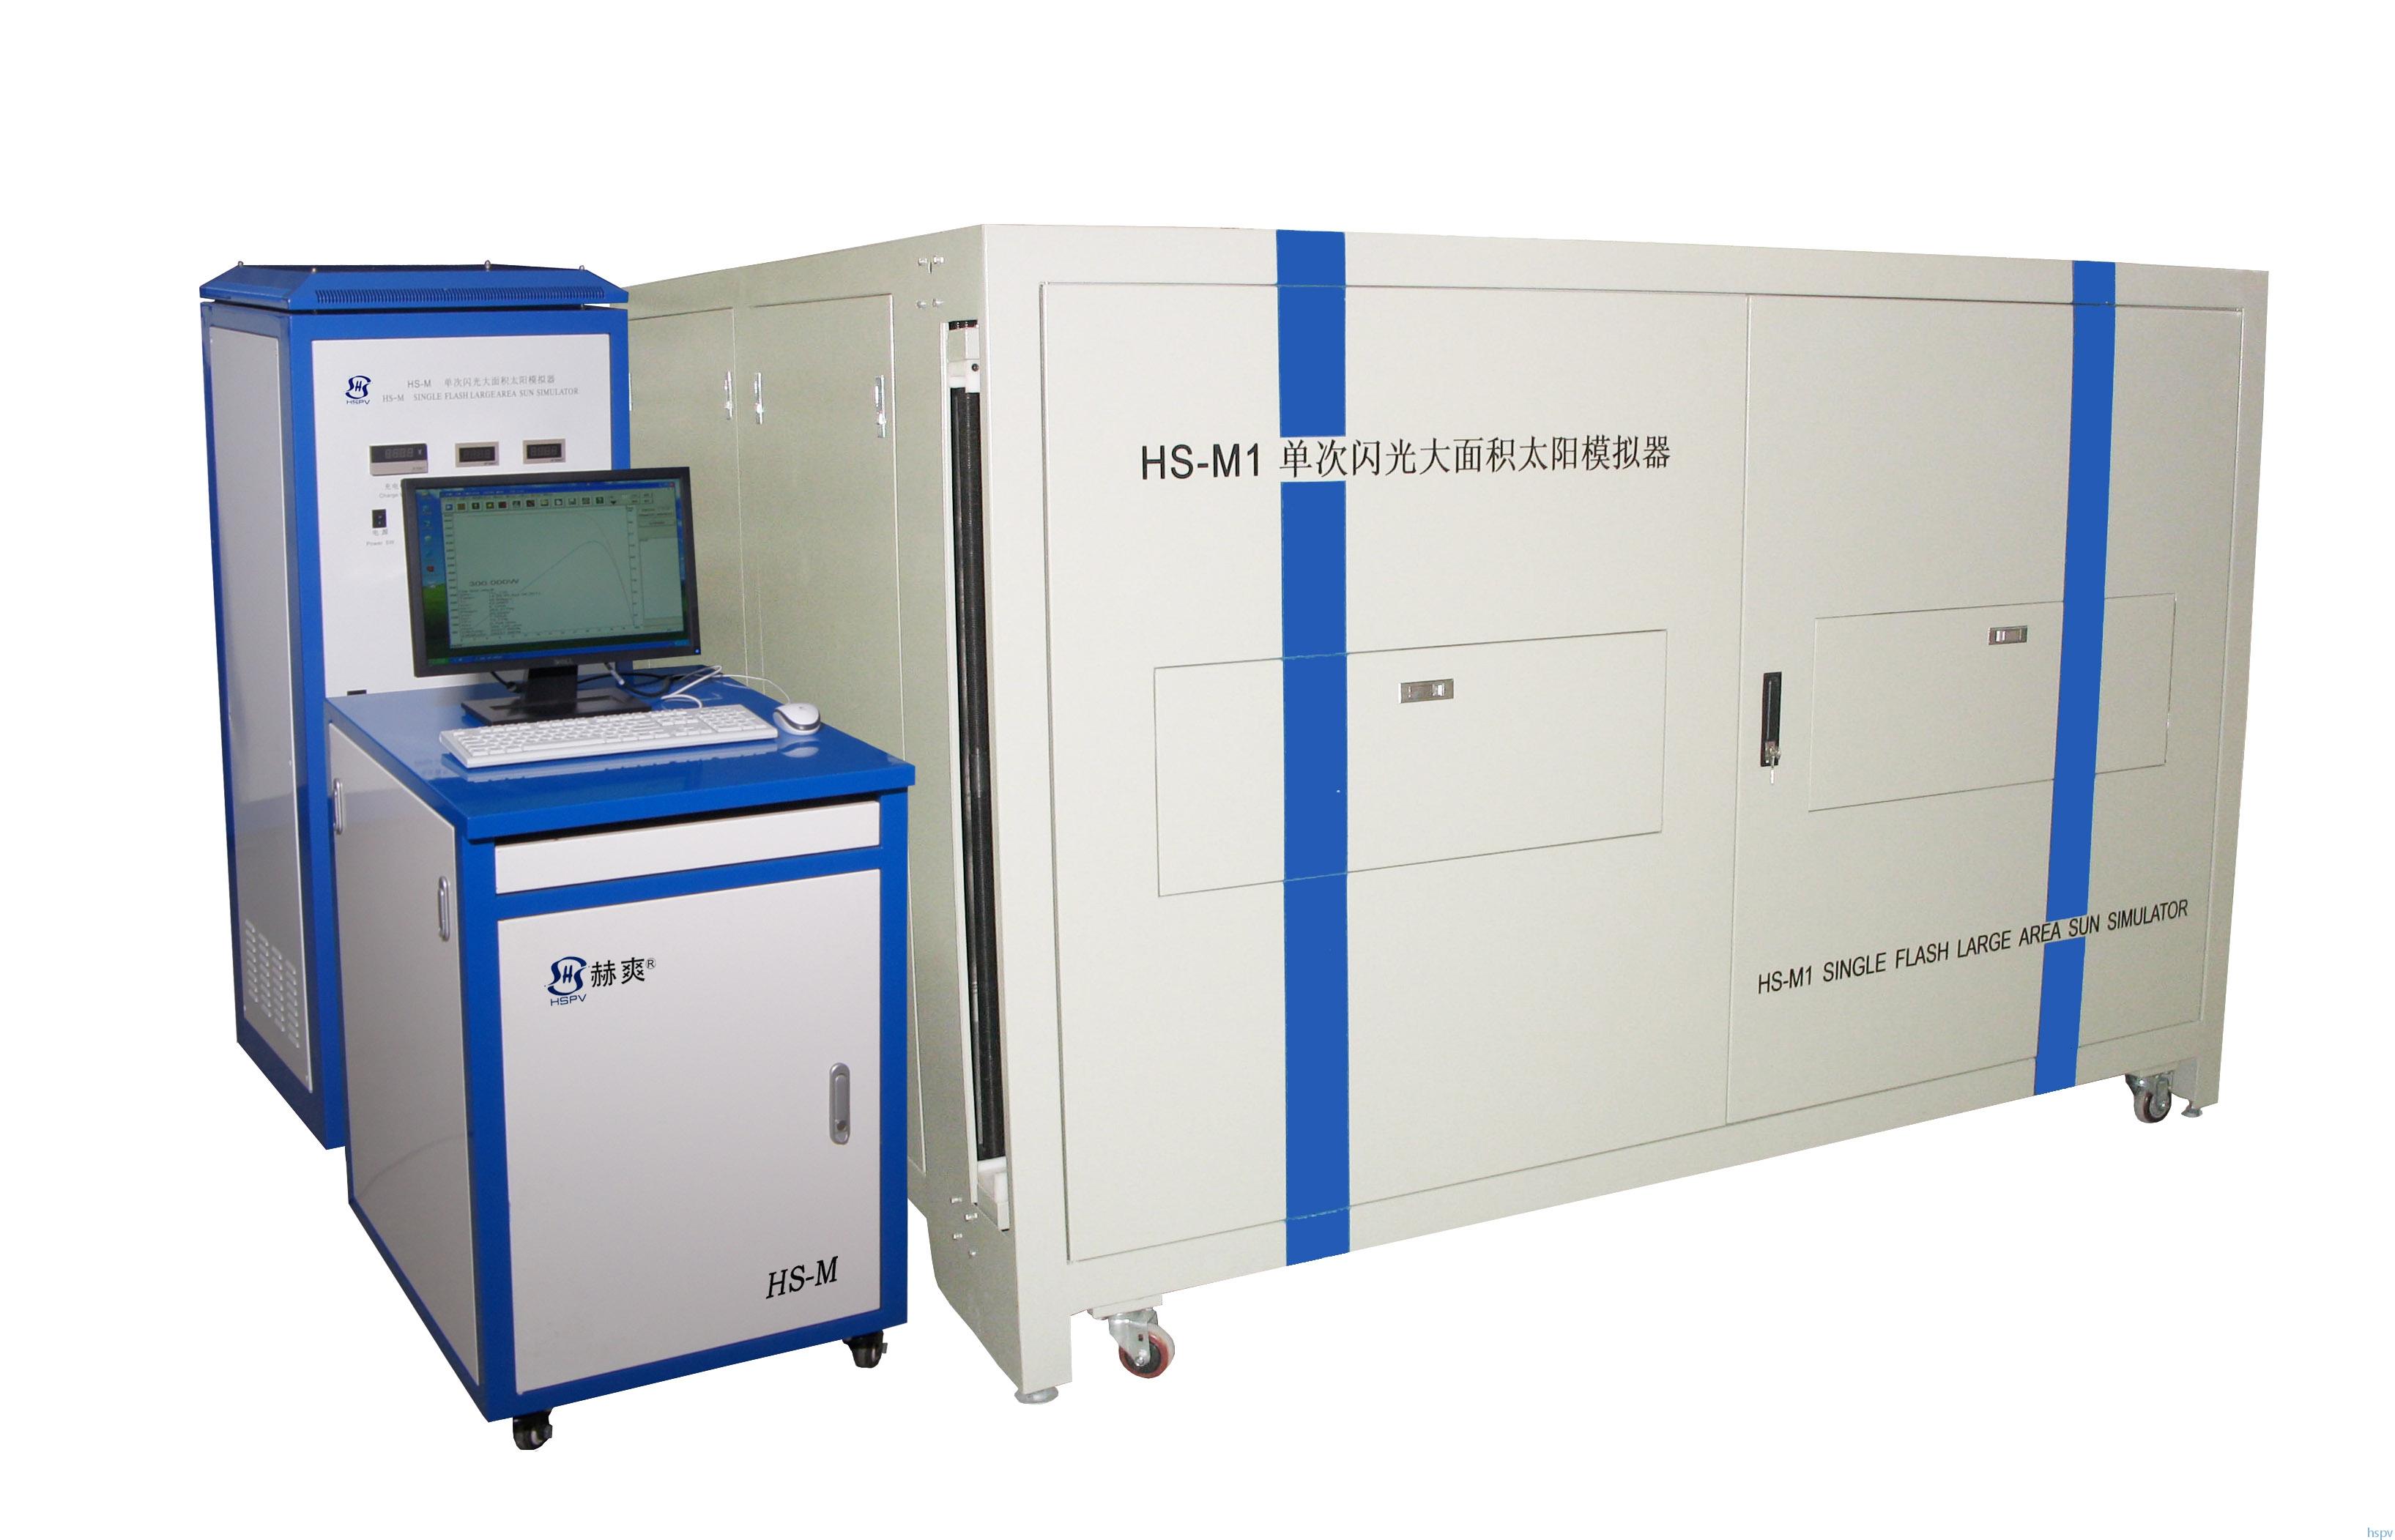 HSM1-2S 单体闪光大面积太阳模拟器